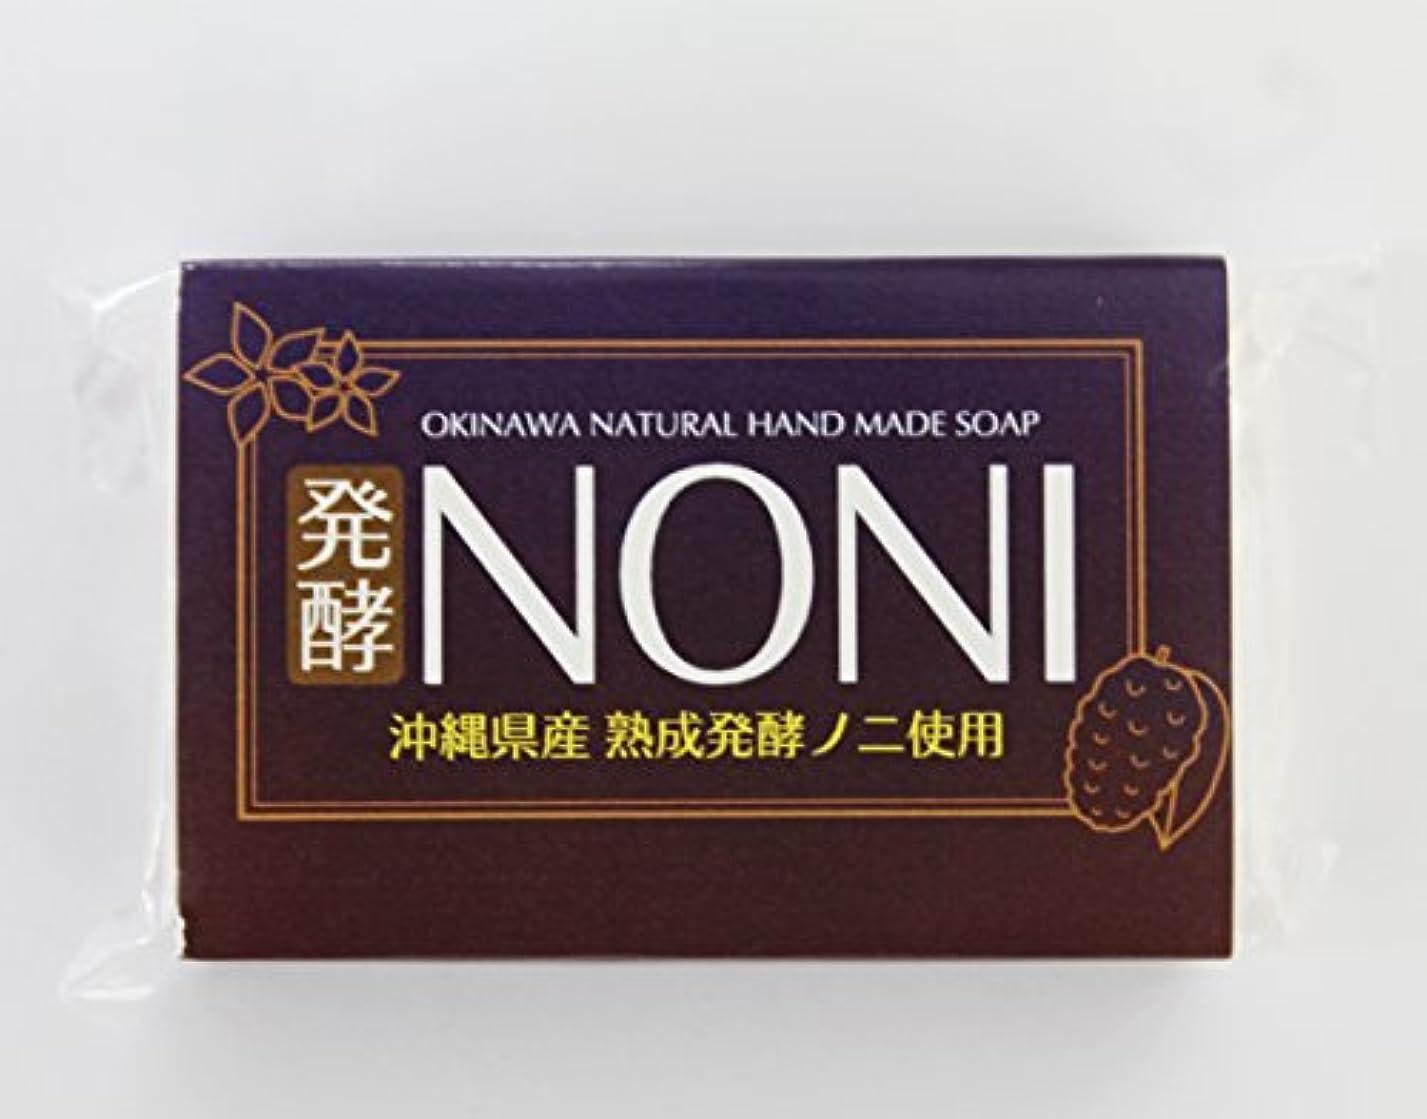 流暢ロック控える沖縄 手作り ナチュラル洗顔 NONI石鹸 100g×30個 GreenEarth 発酵ノニを使用した保湿力の高いナチュラルソープ